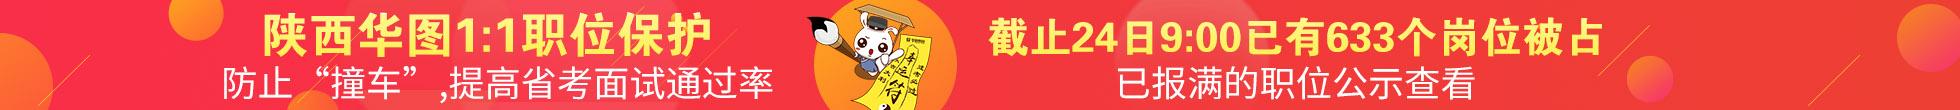 陕西华图1比1职位保护